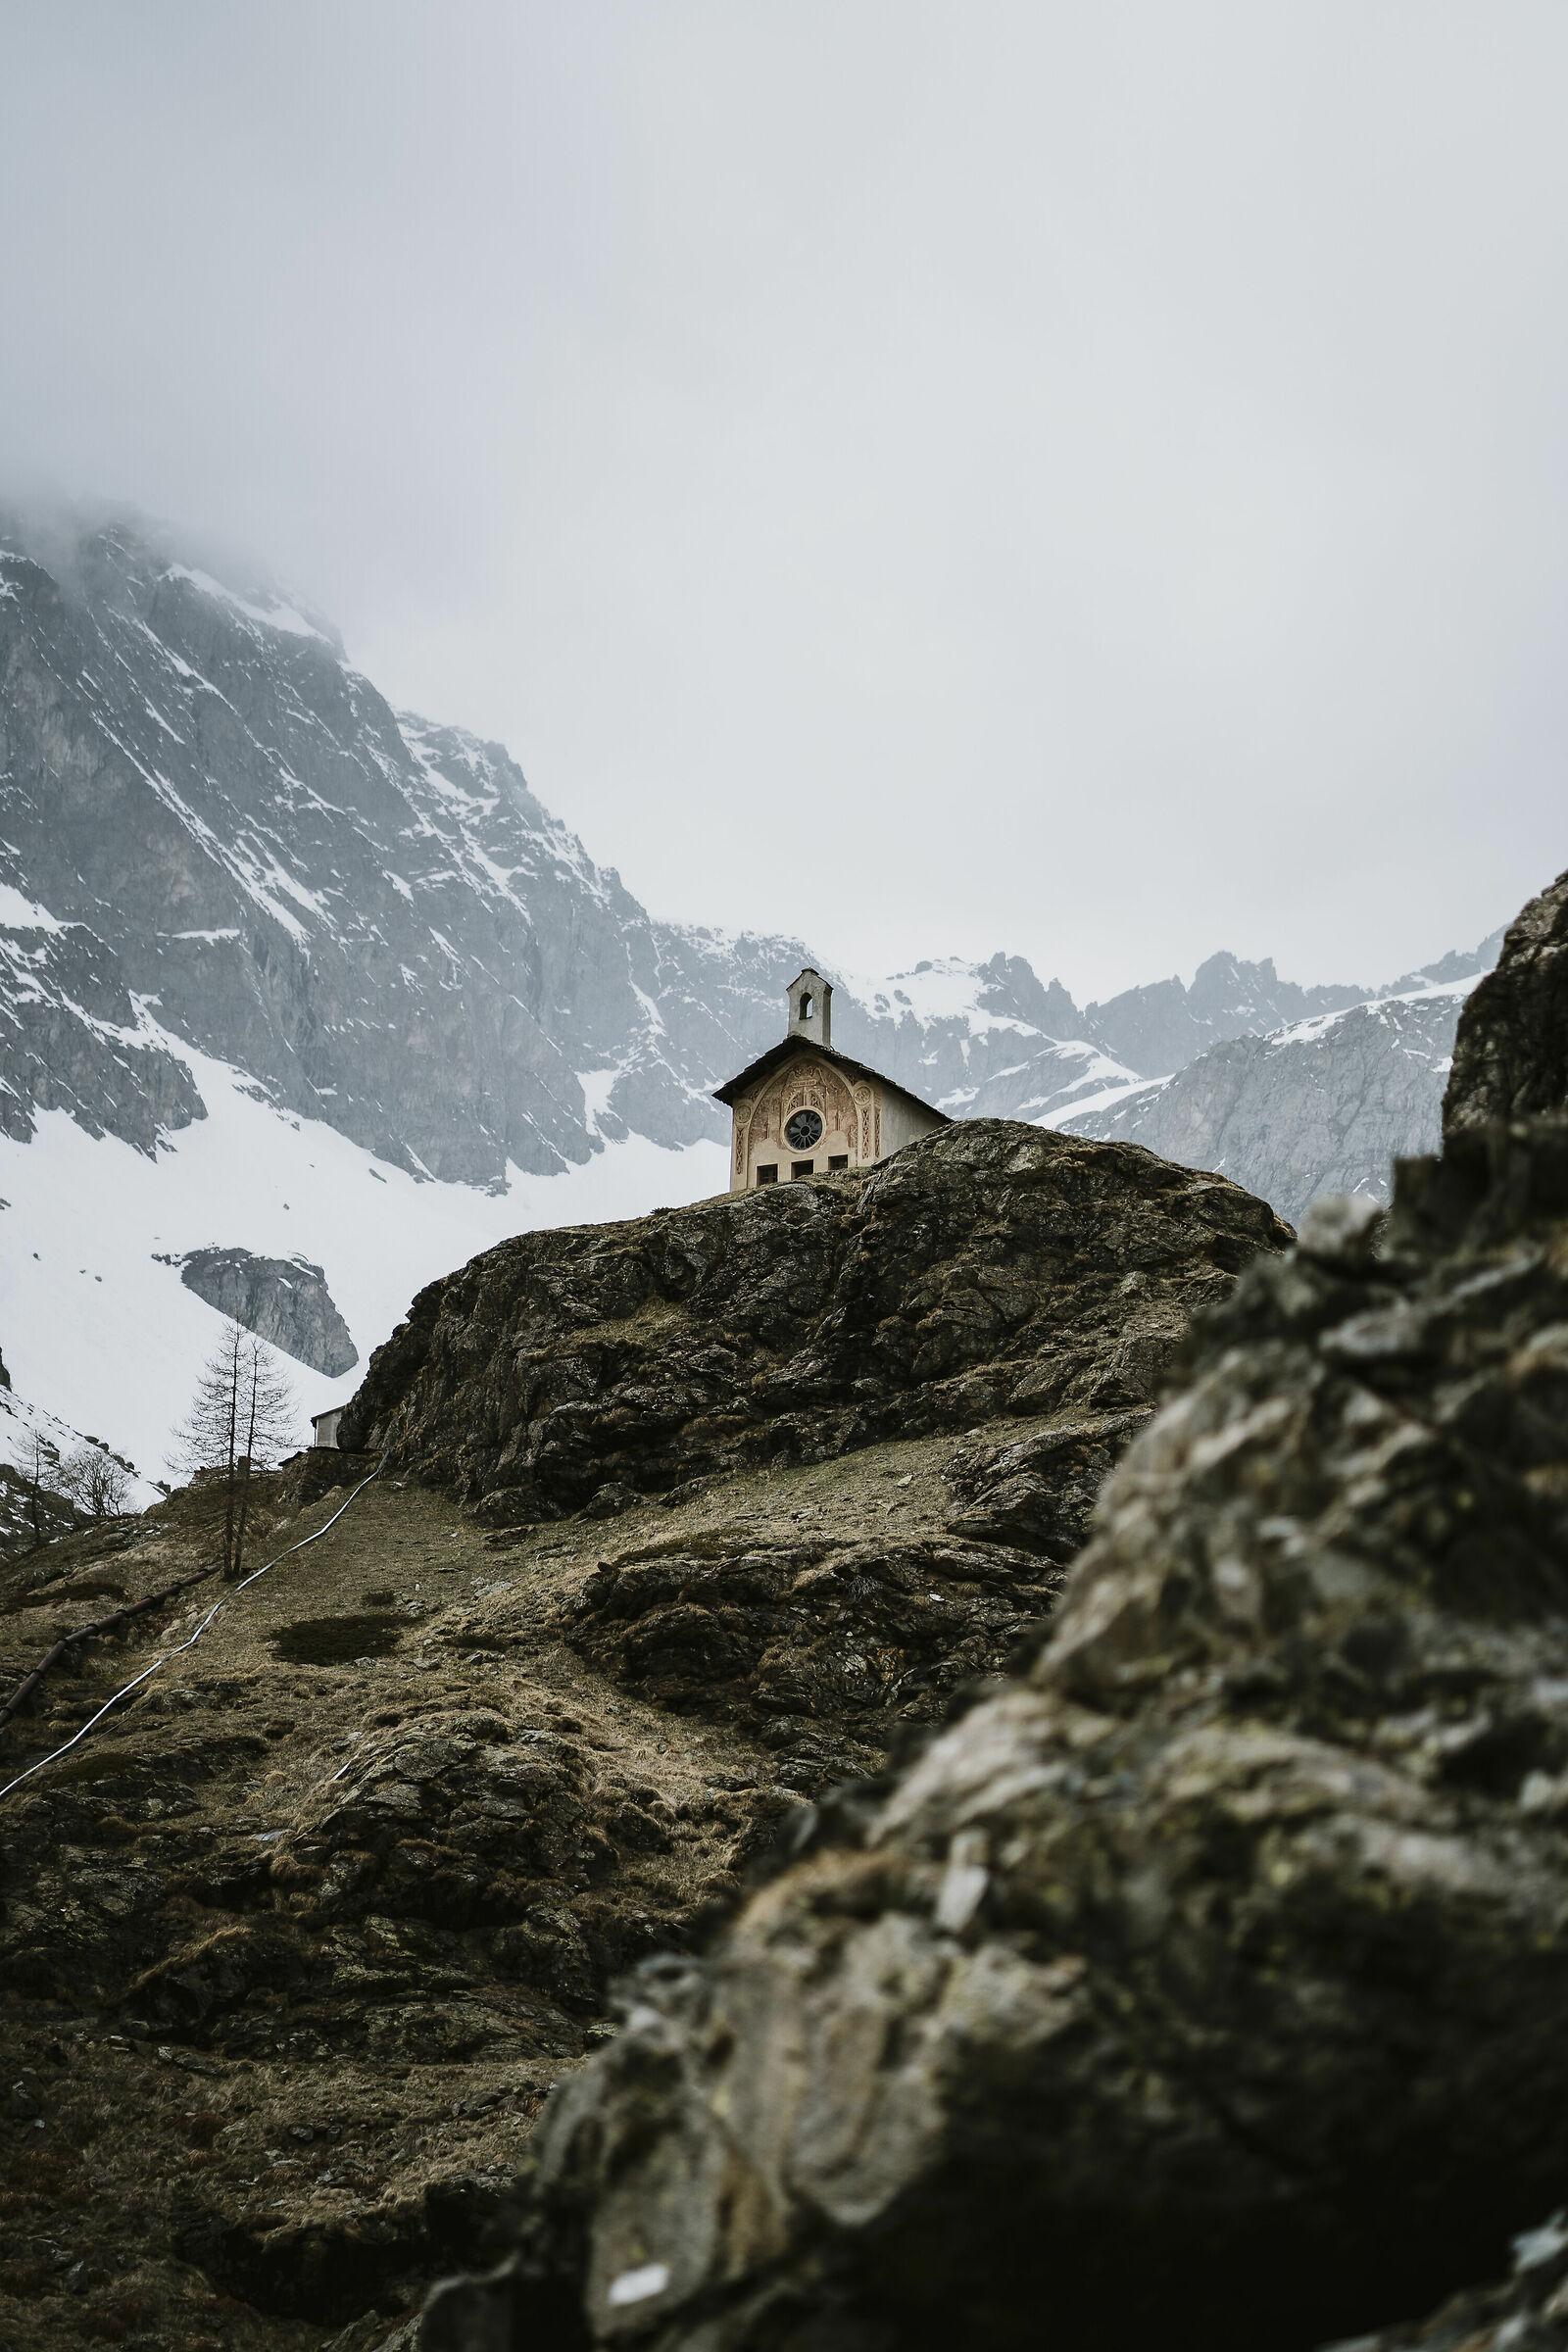 La chiesetta solitaria...